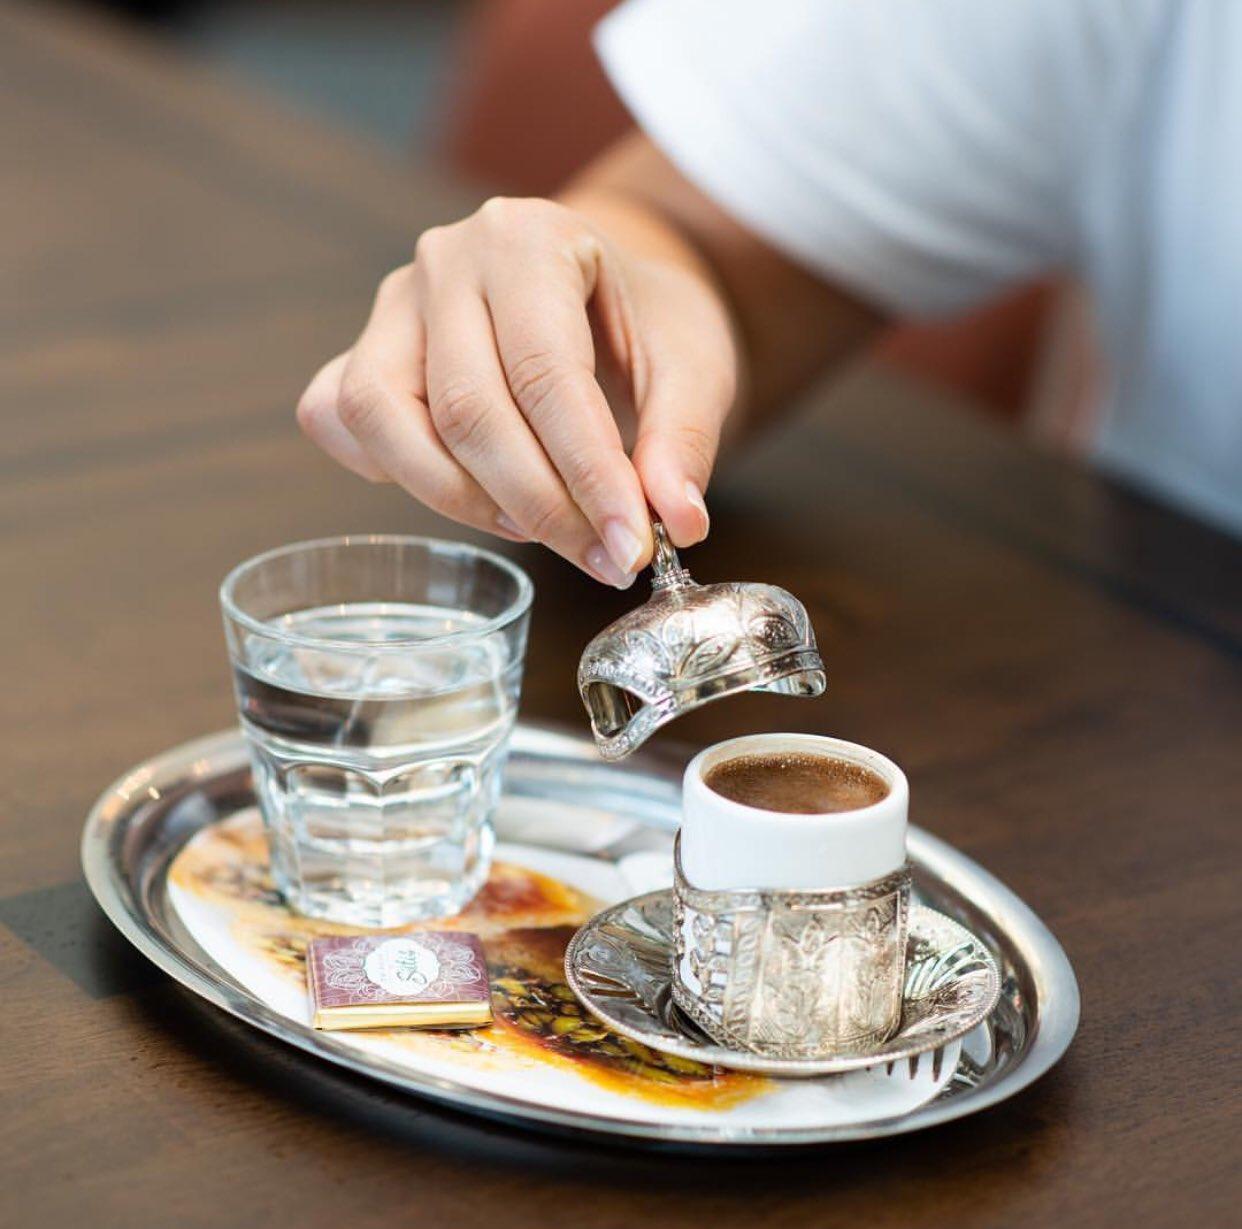 кофе эспрессо как пить с водой